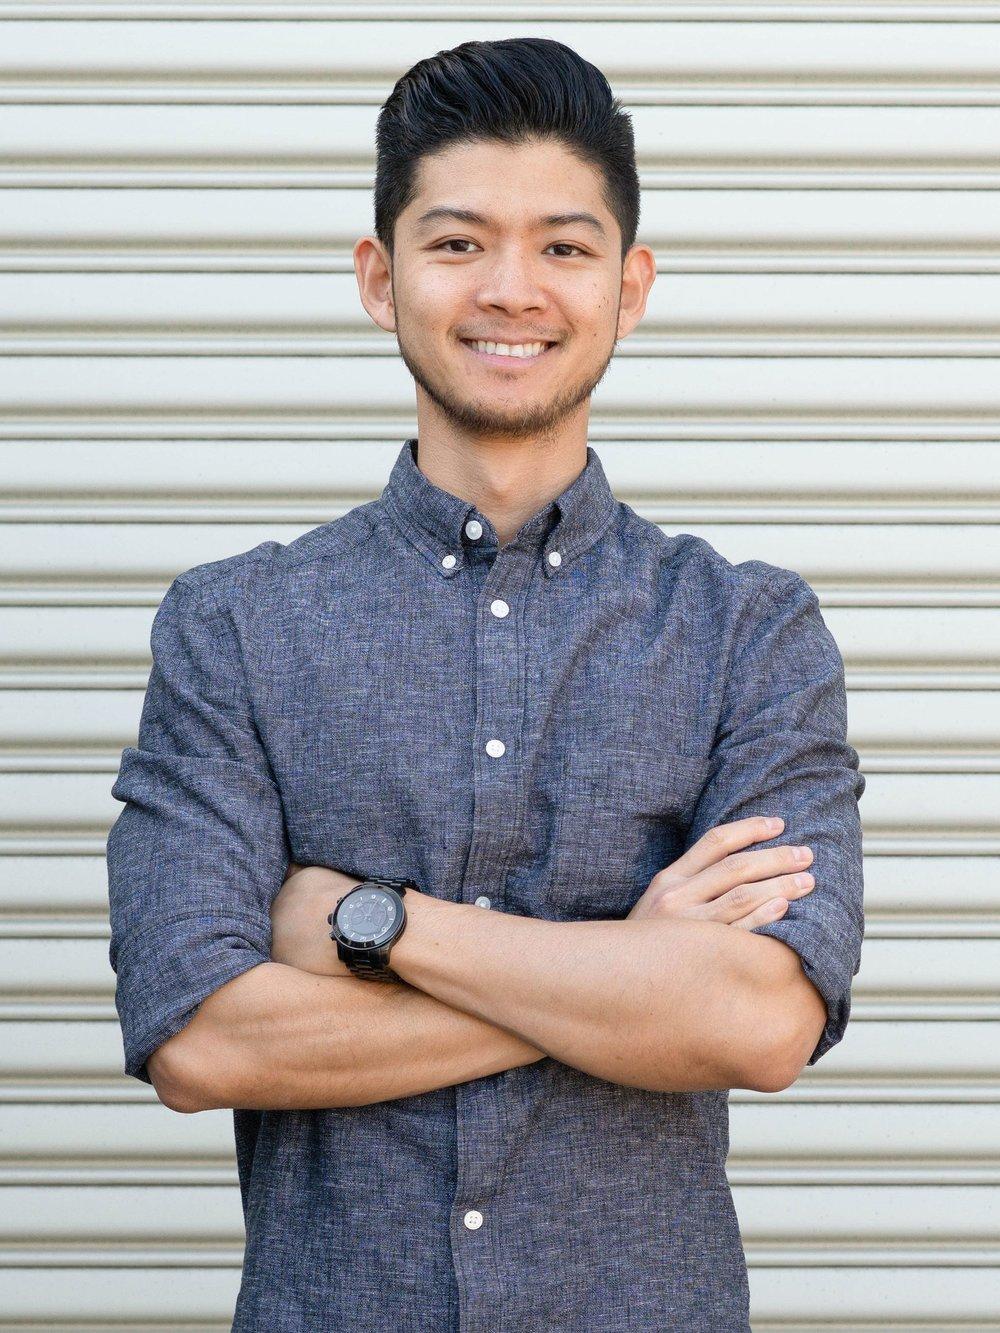 JOEY FURUTANI - Vice PresidentAbout Joey